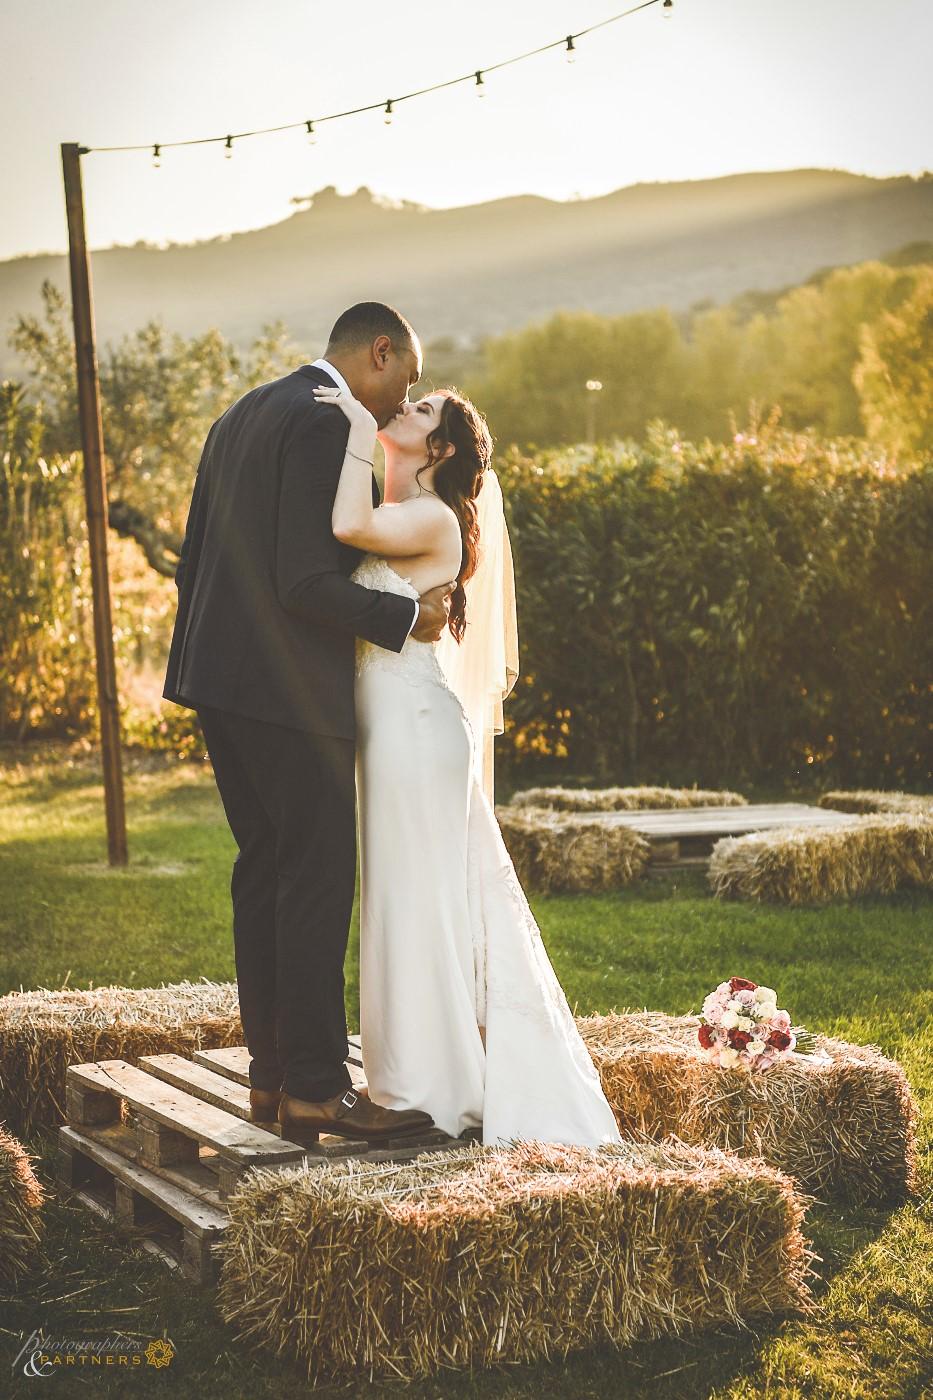 photographer_weddings_baroncino_14.jpg